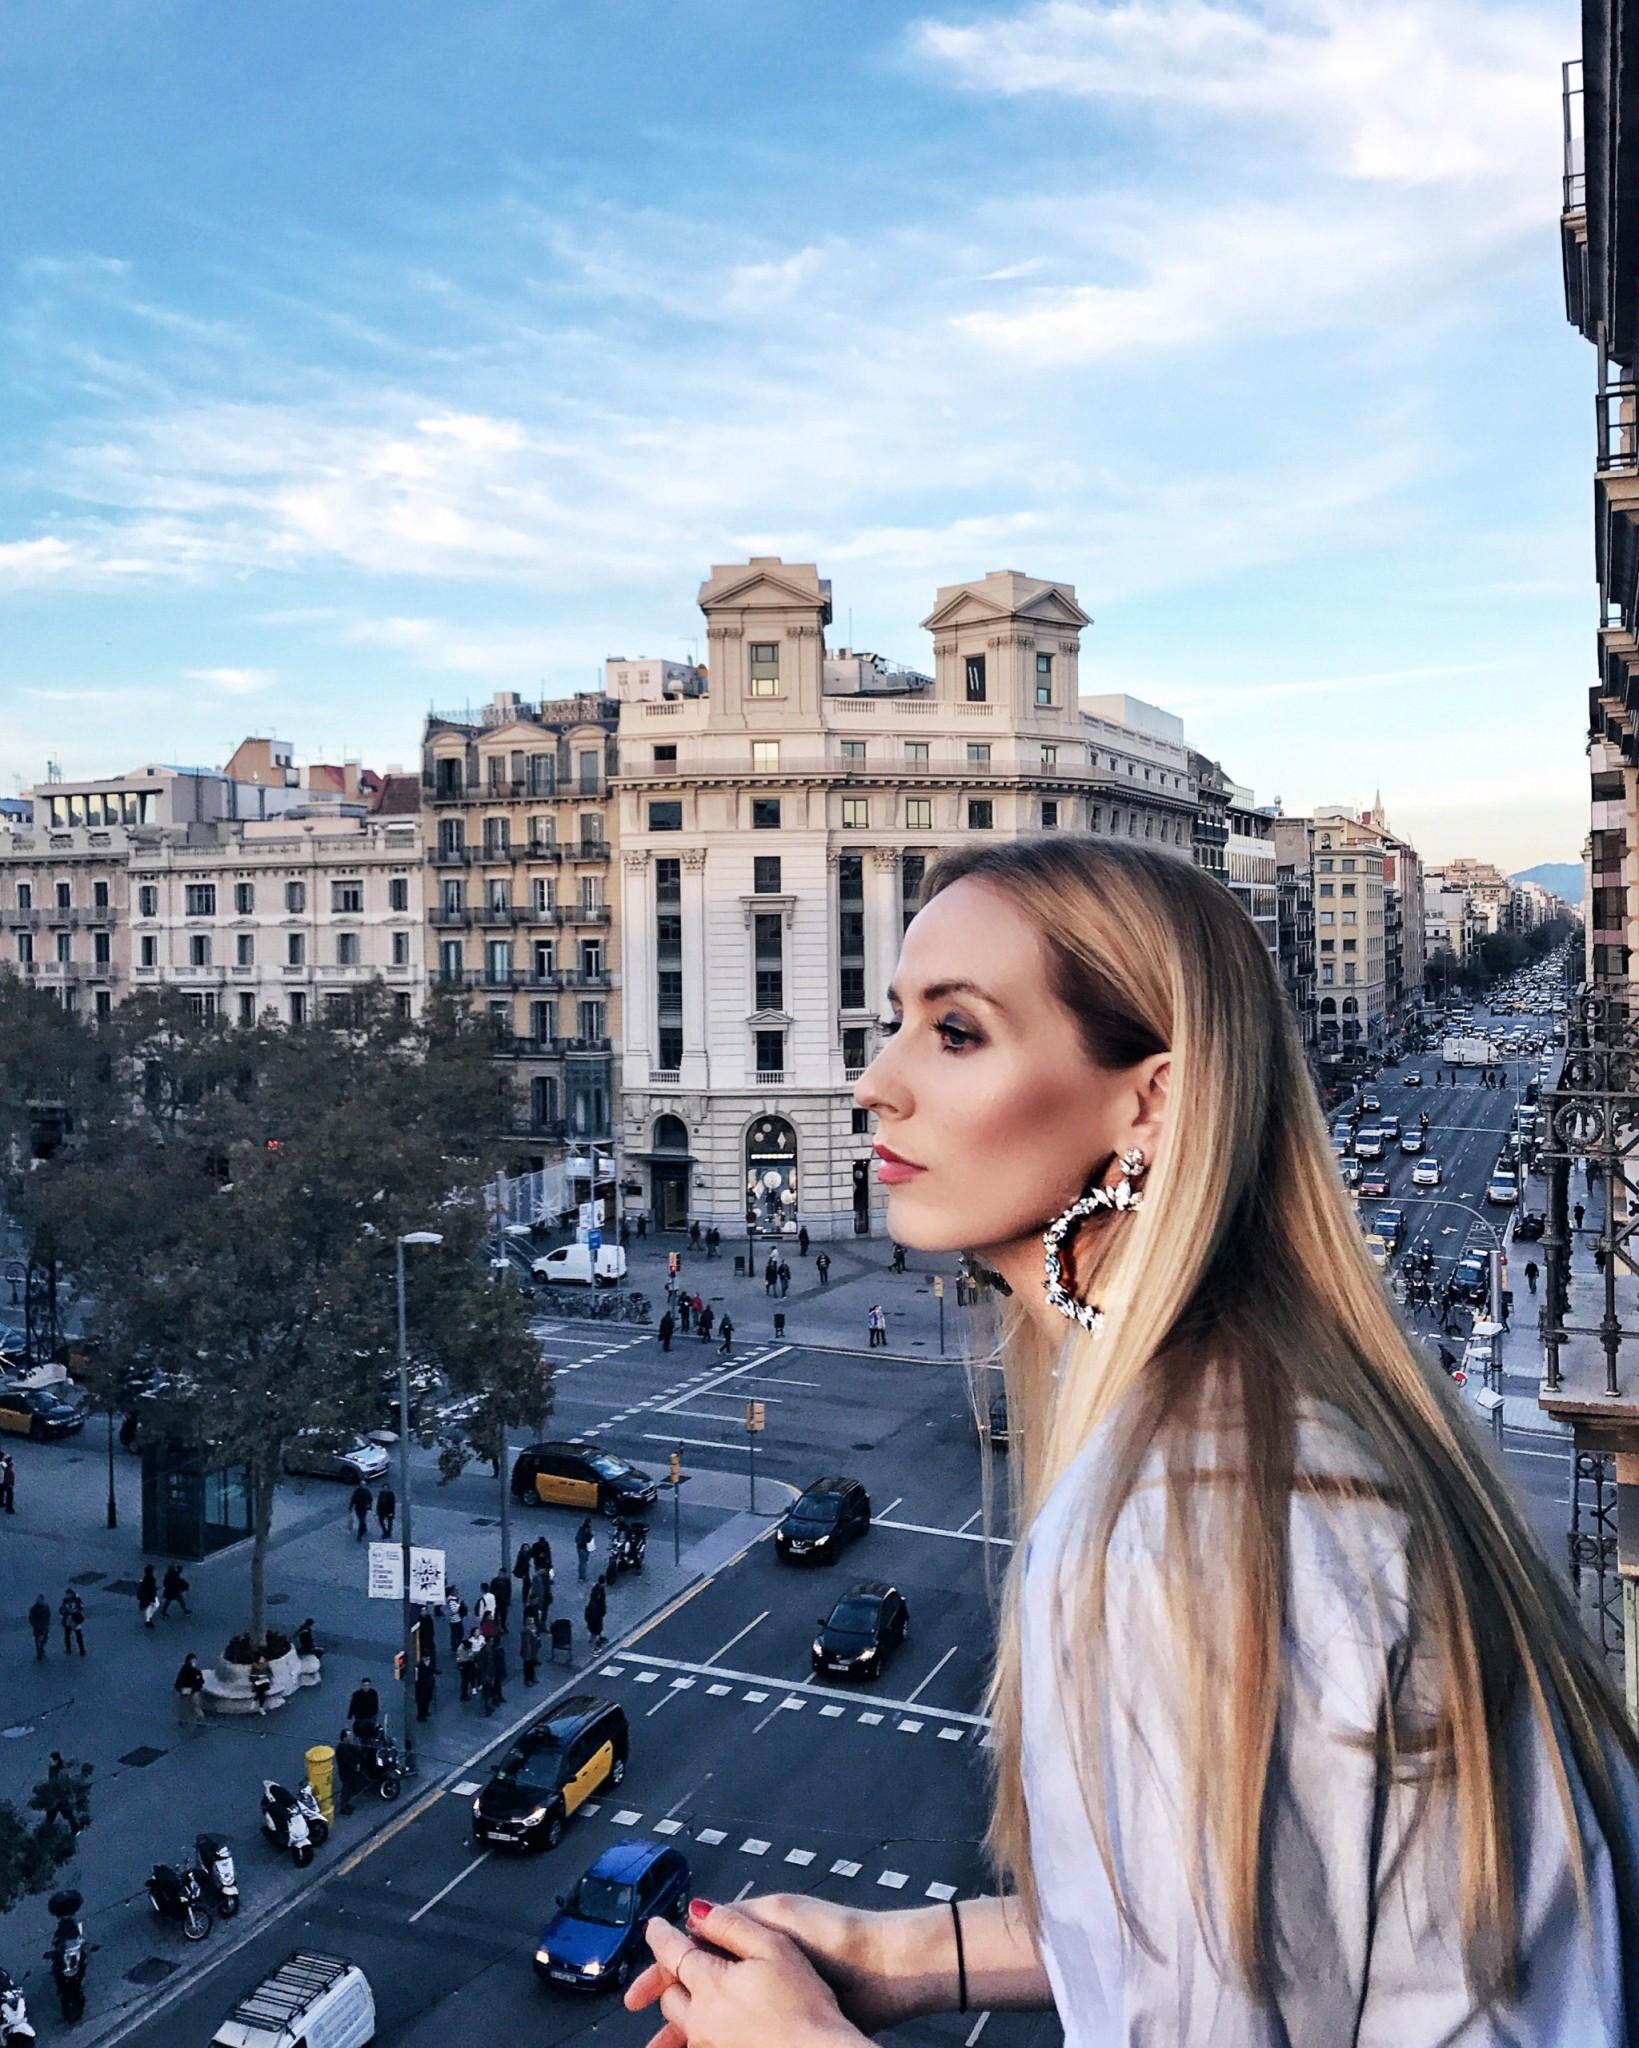 18best_instagram_photos_2017_fabulous_muses_diana_enciu_alina_tanasa